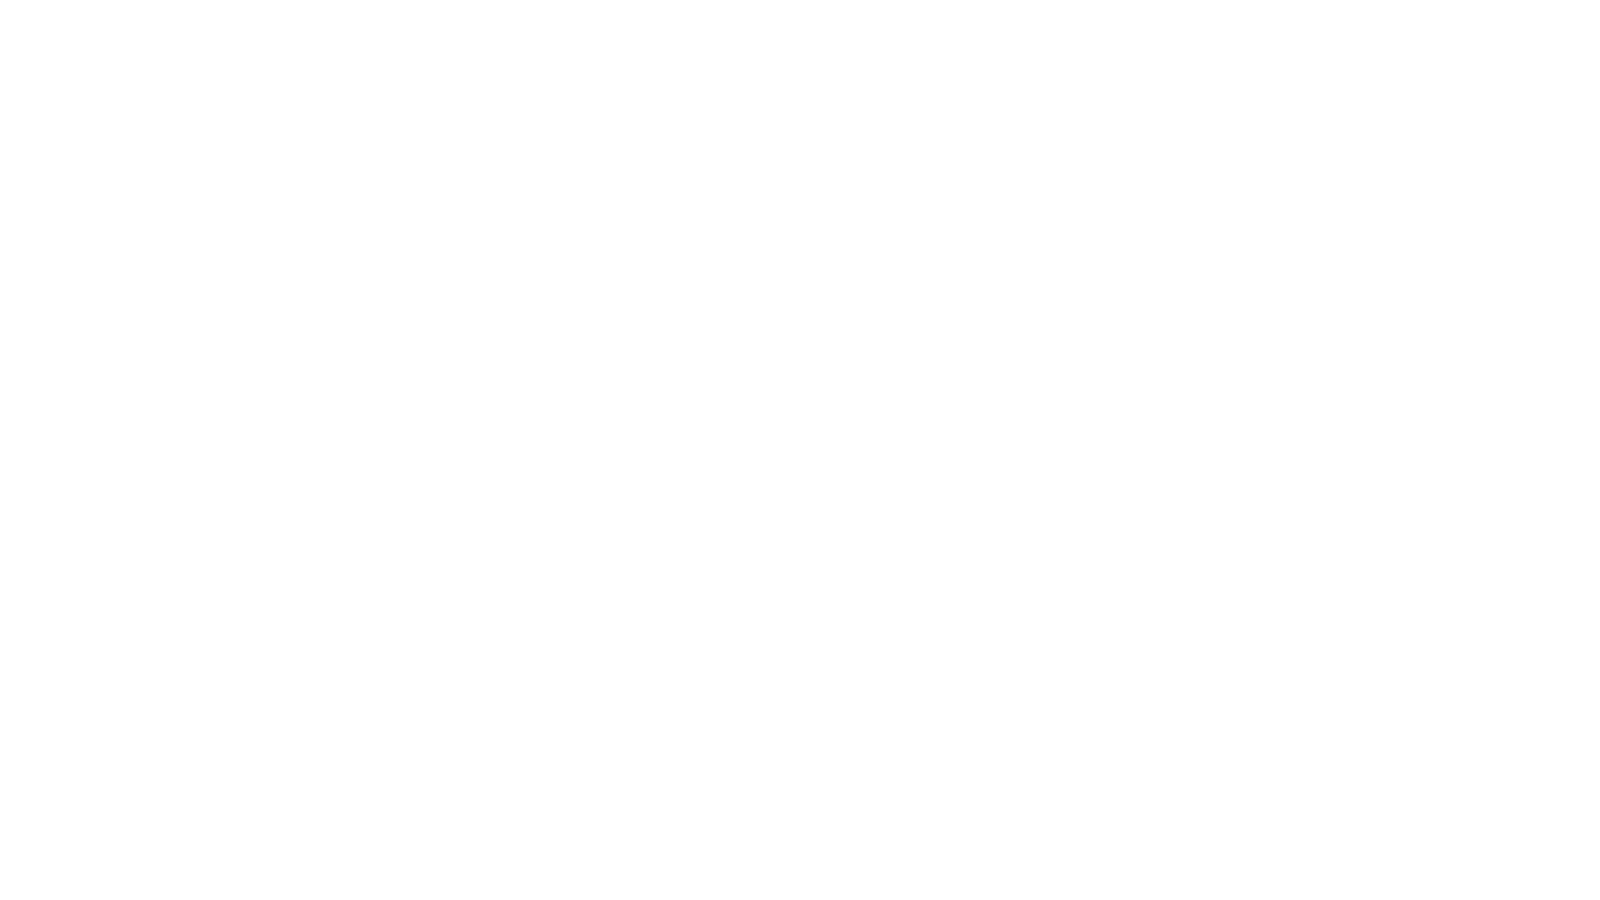 Com mais de 20 anos de estrada, convidamos o Alma Djem para falar um pouco sobre processos de composição de músicas, o cenário internacional do reggae e como está sendo o reconhecimento da banda durante a pandemia, que segundo o vocalista Marcelo Mira, tem sido muito legal.  Com um movimento crescente de olhar mais para dentro, o Alma Djem faz crescer sua base de fãs e dá spoilers de novas músicas que serão lançadas em breve.  FICHA TÉCNICA  Produção e entrevista: Carol Farias Direção audiovisual: Gabriel Alexandre  Siga nossas redes sociais: @soulartvideos Leia o artigo sobre a entrevista https://soulart.org/colunas/videos/papo-de-visao-3-a-calmaria-proporcionada-pelo-alma-djem #almadjem #papodevisão #SOULART